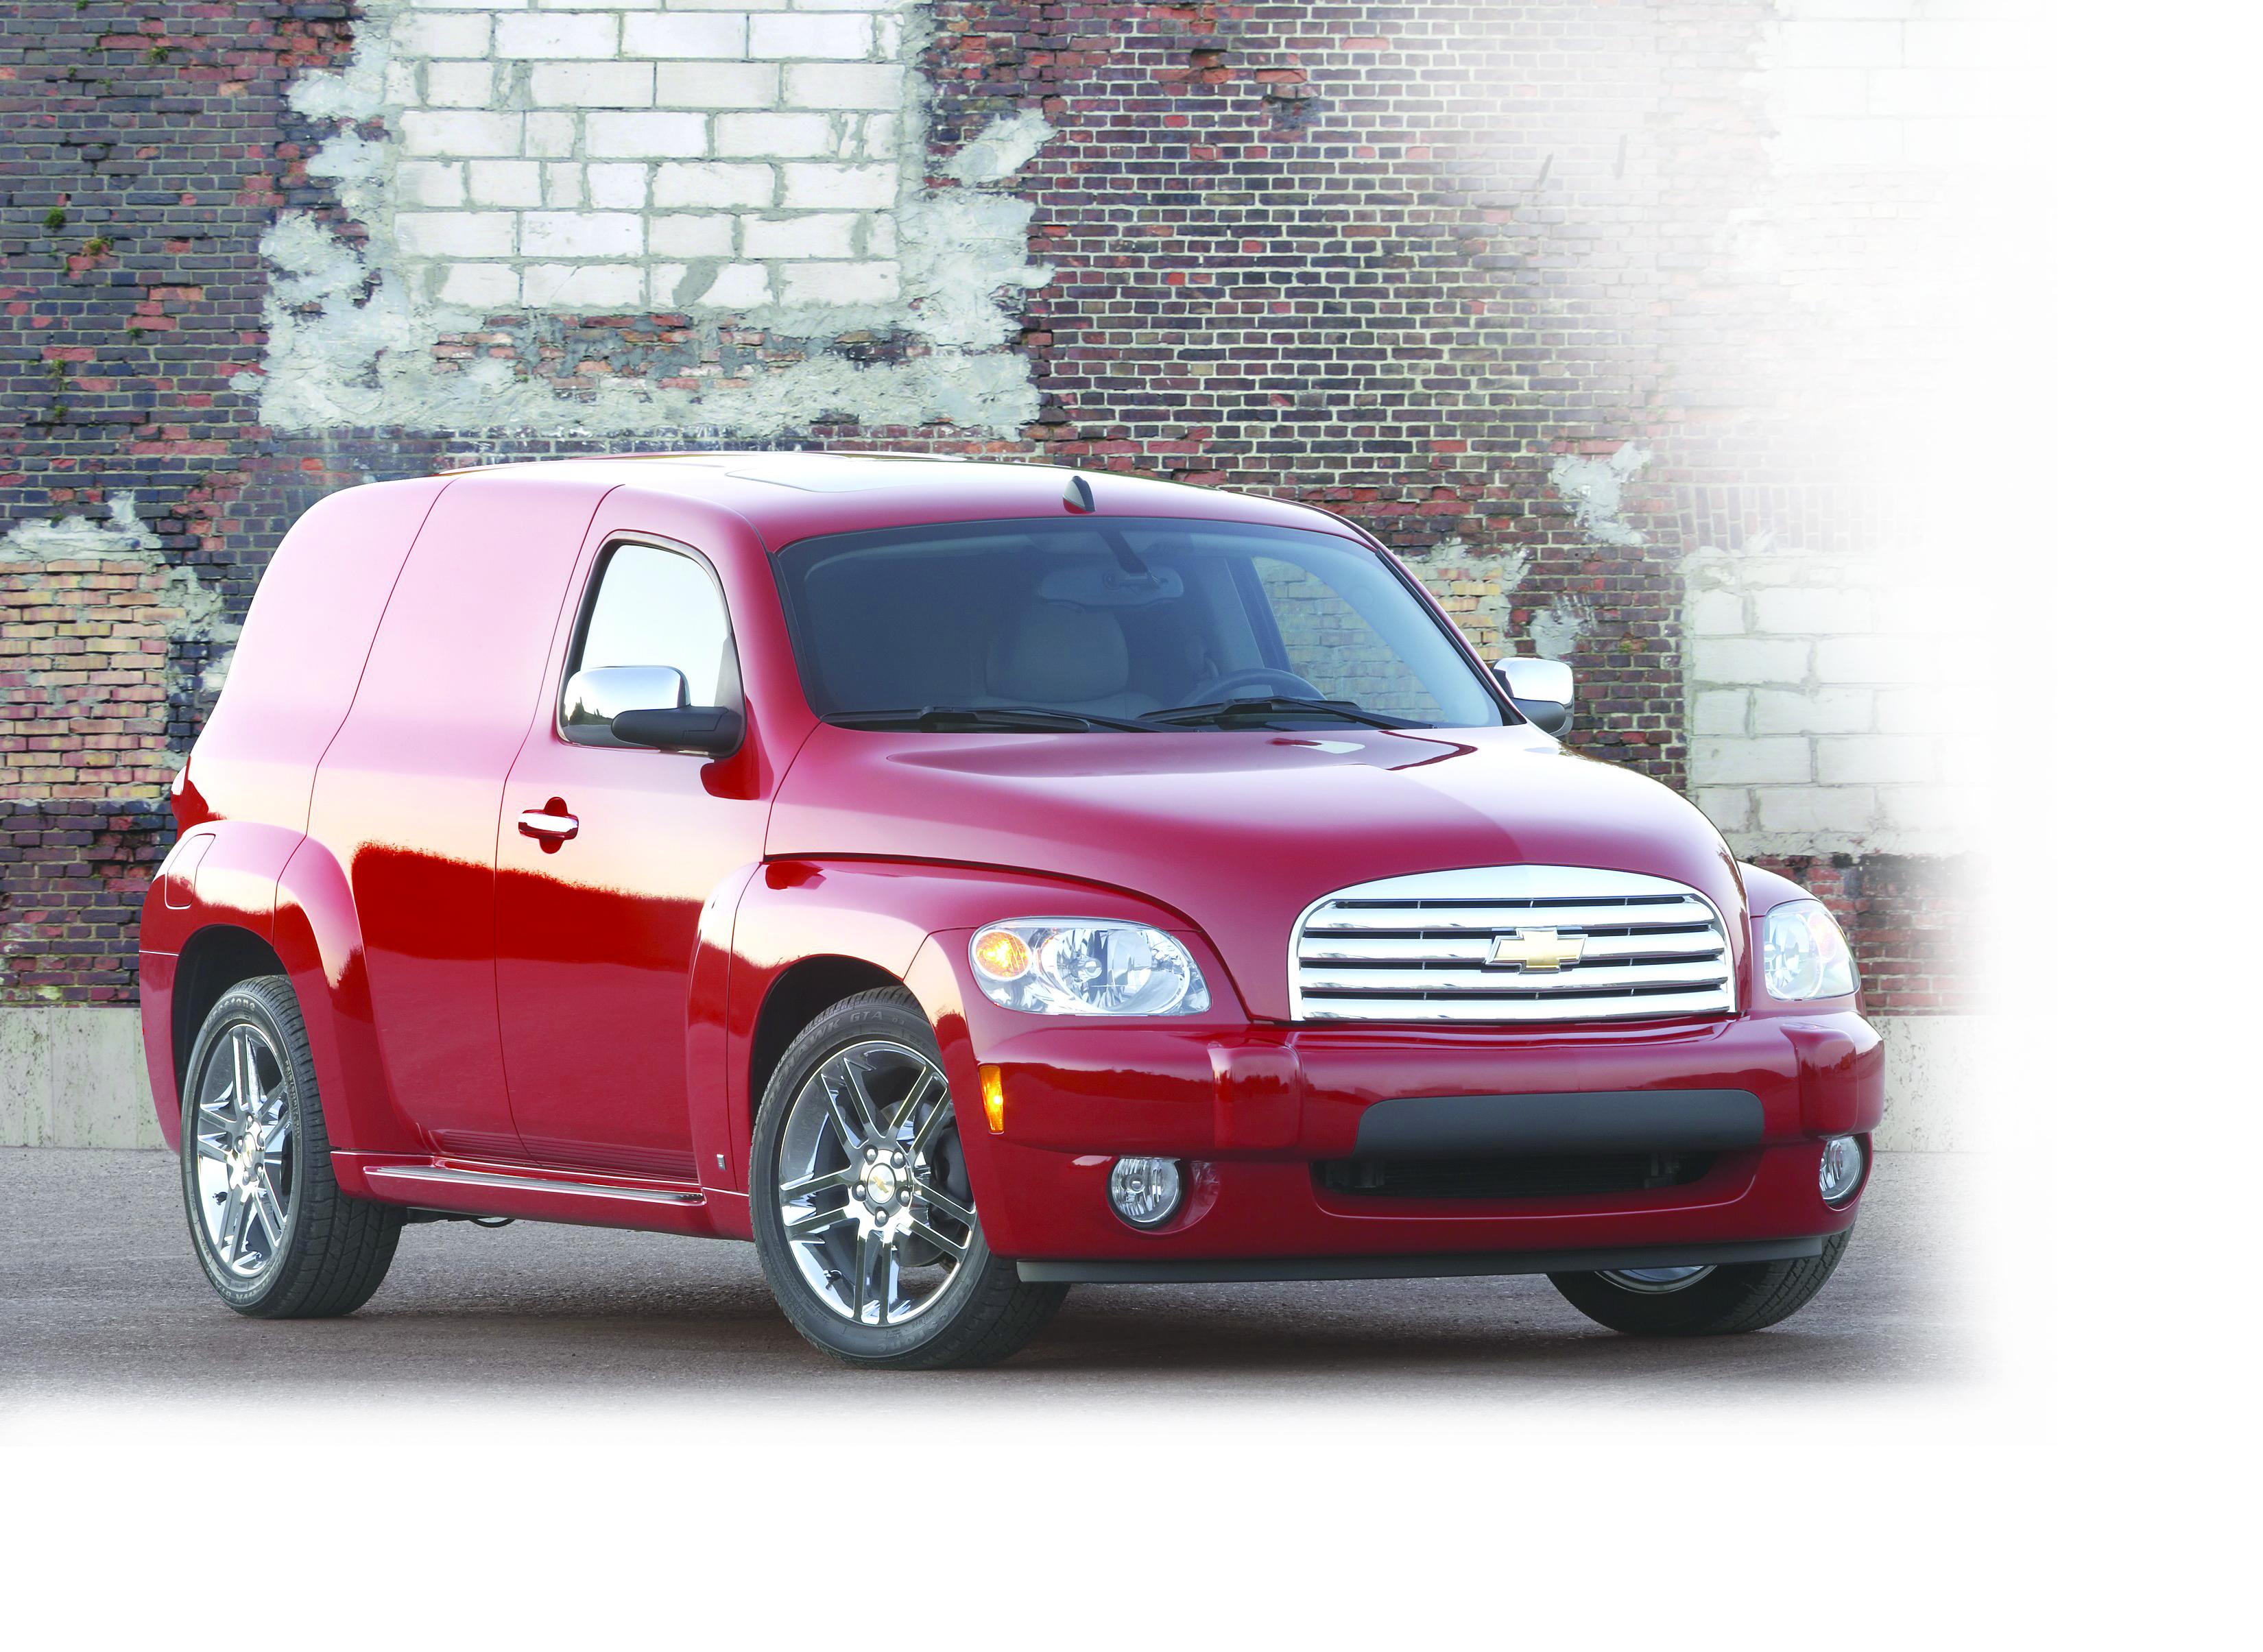 Chevrolet's New HHR Panel Van Built for Business